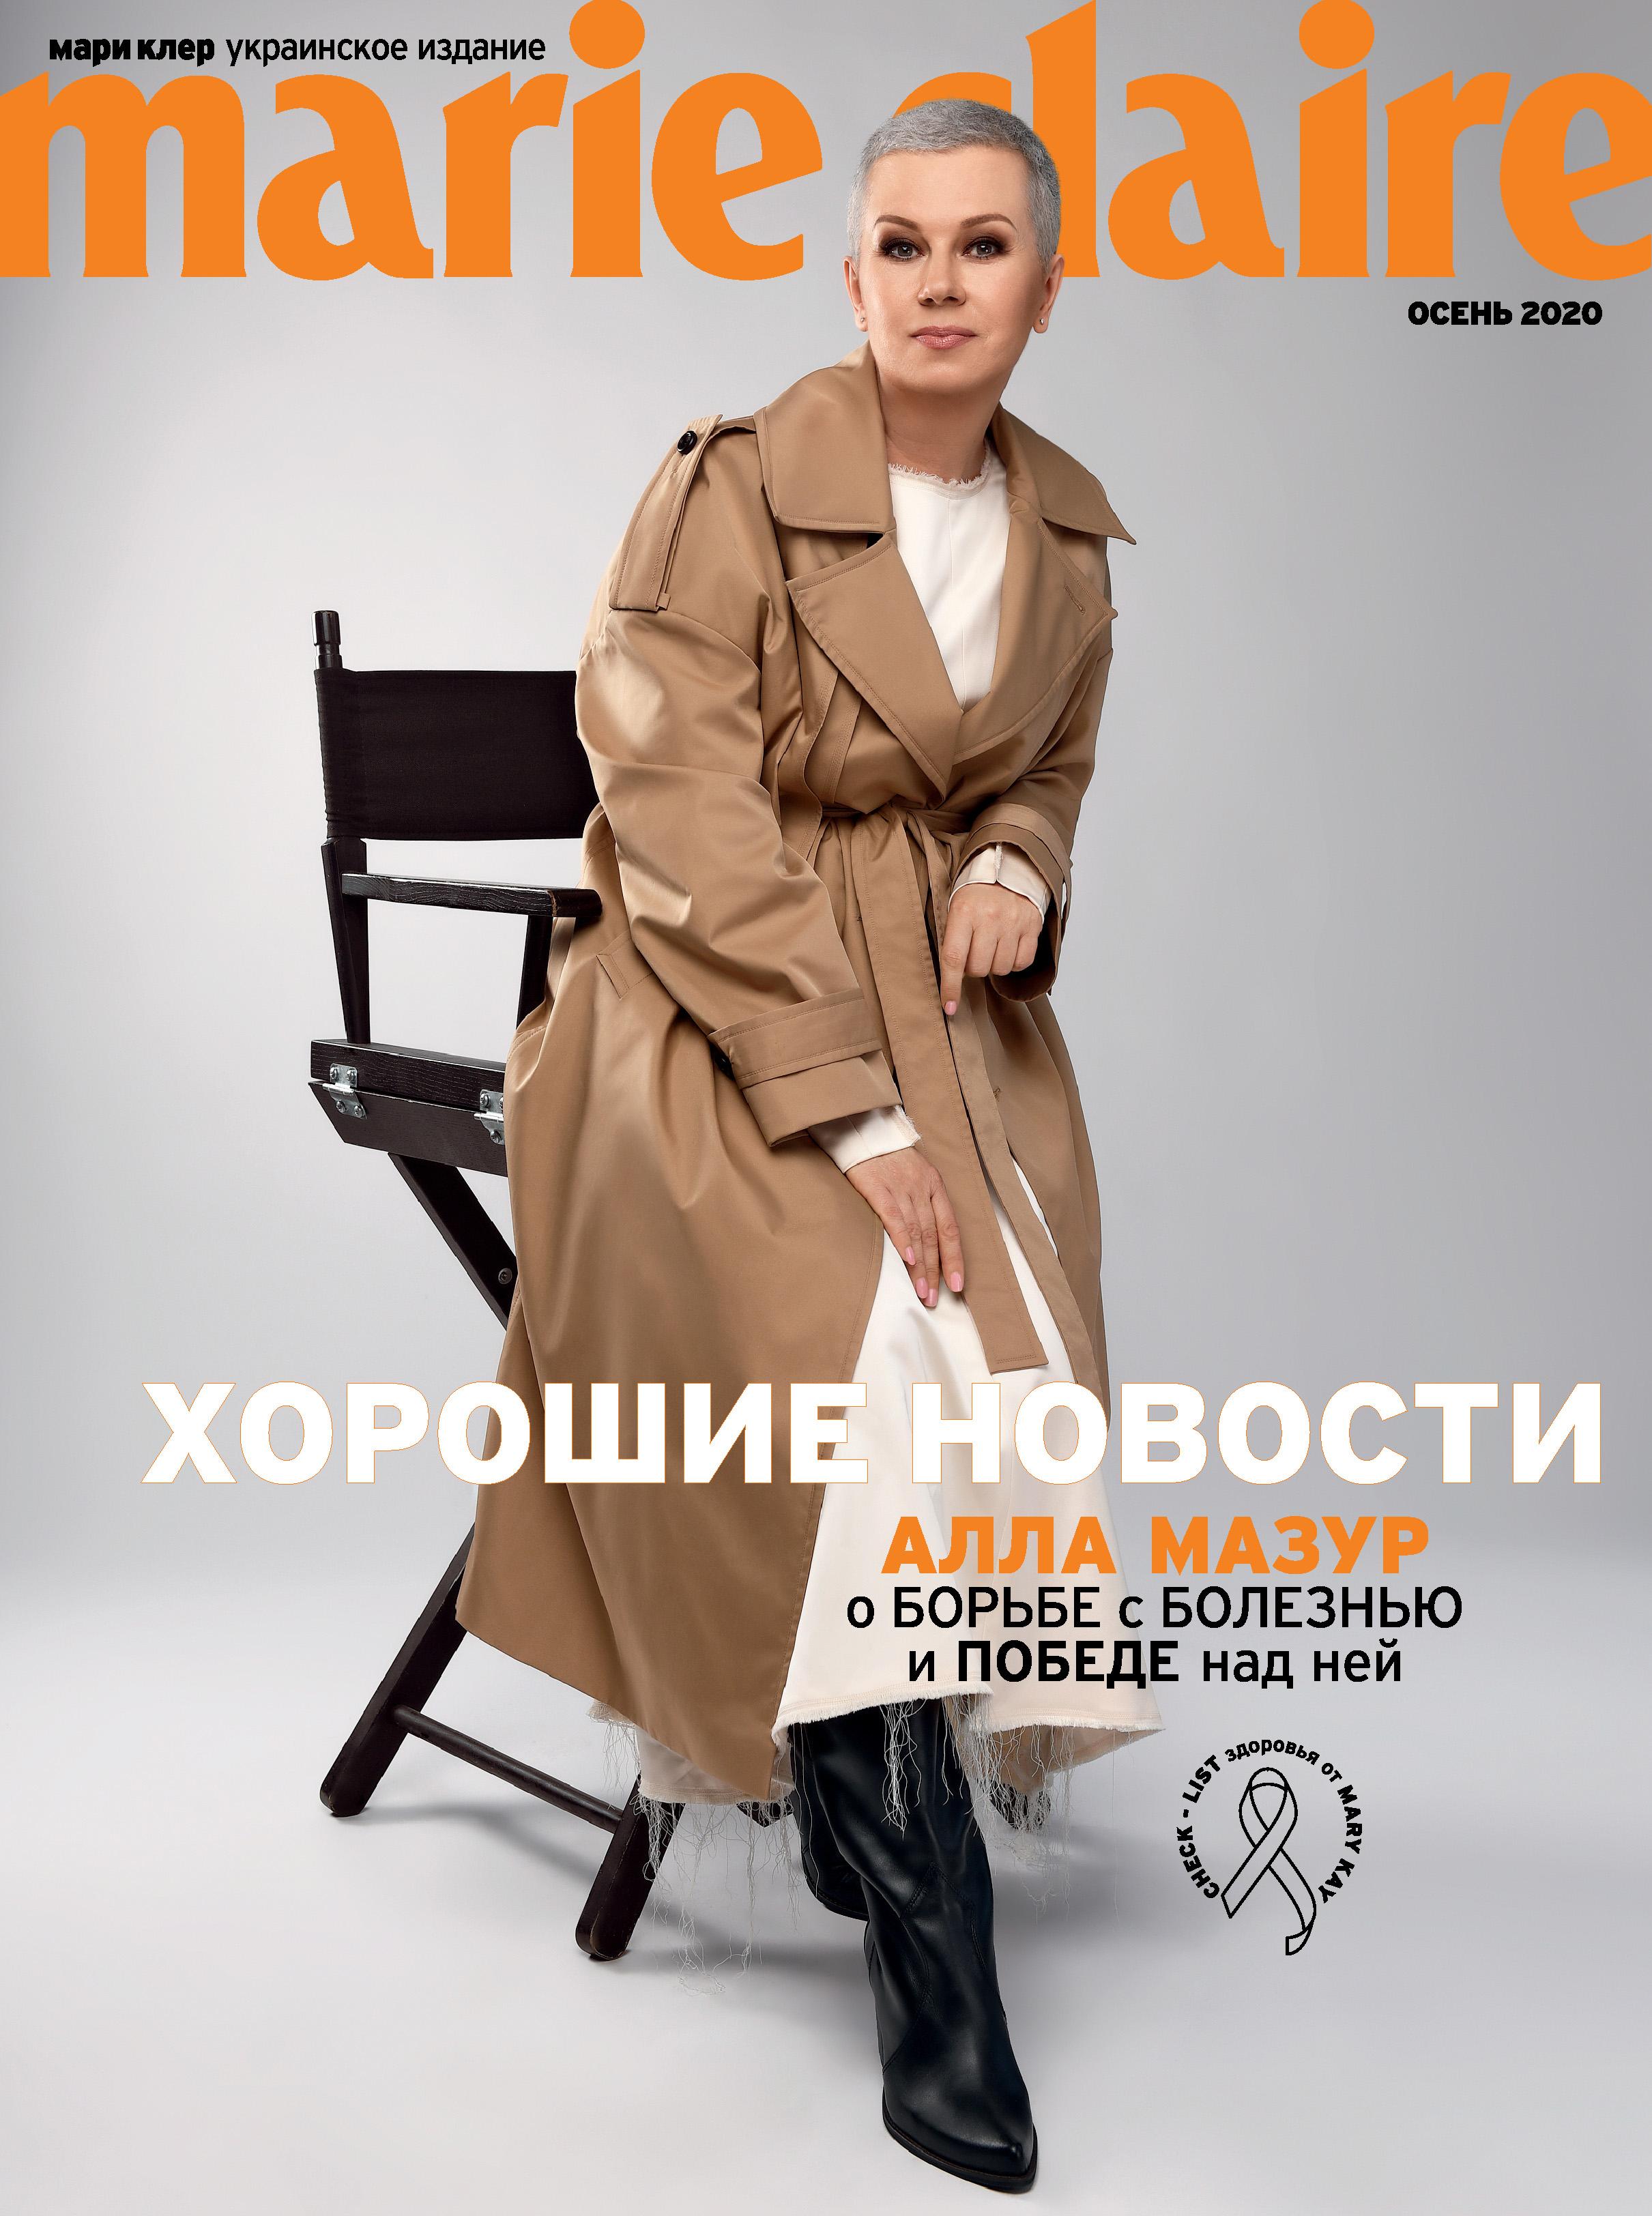 Обложка журнала осень 2020